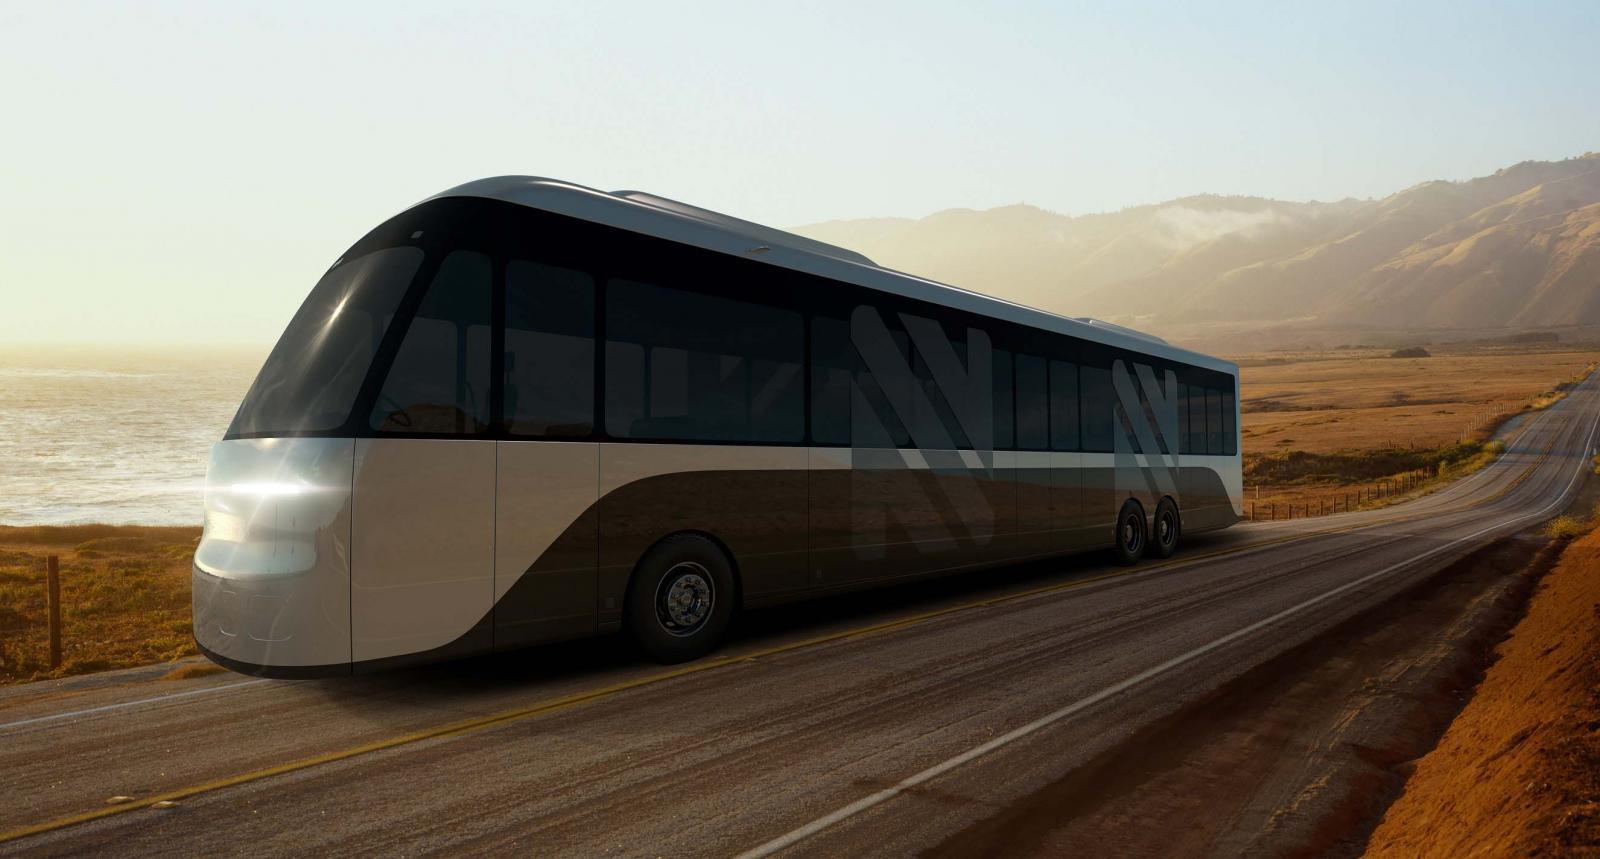 Un autobús eléctrico que puede transformarse en vagón de tren